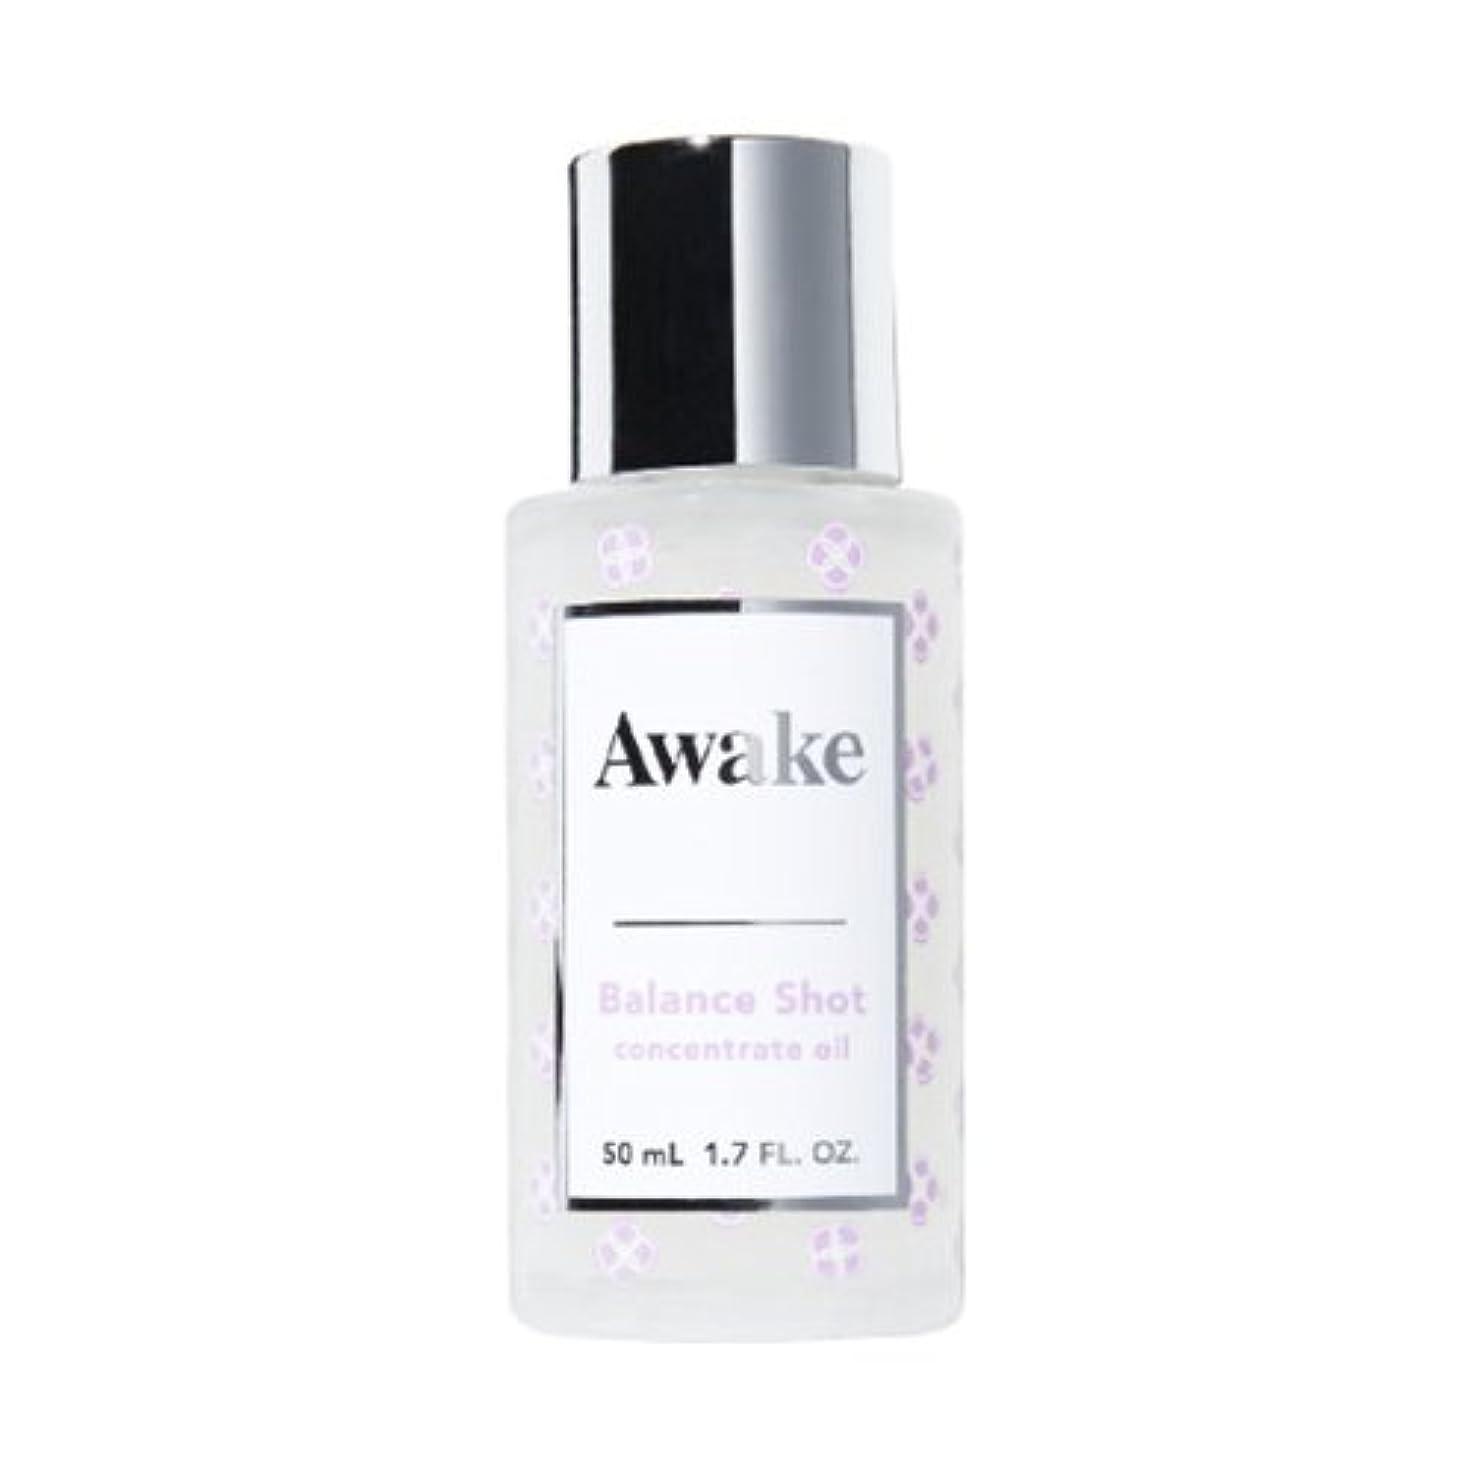 調和対象役職アウェイク(AWAKE) Awake(アウェイク) バランスショット コ ンセントレイトオイル 〈美容オイル〉 (50mL)